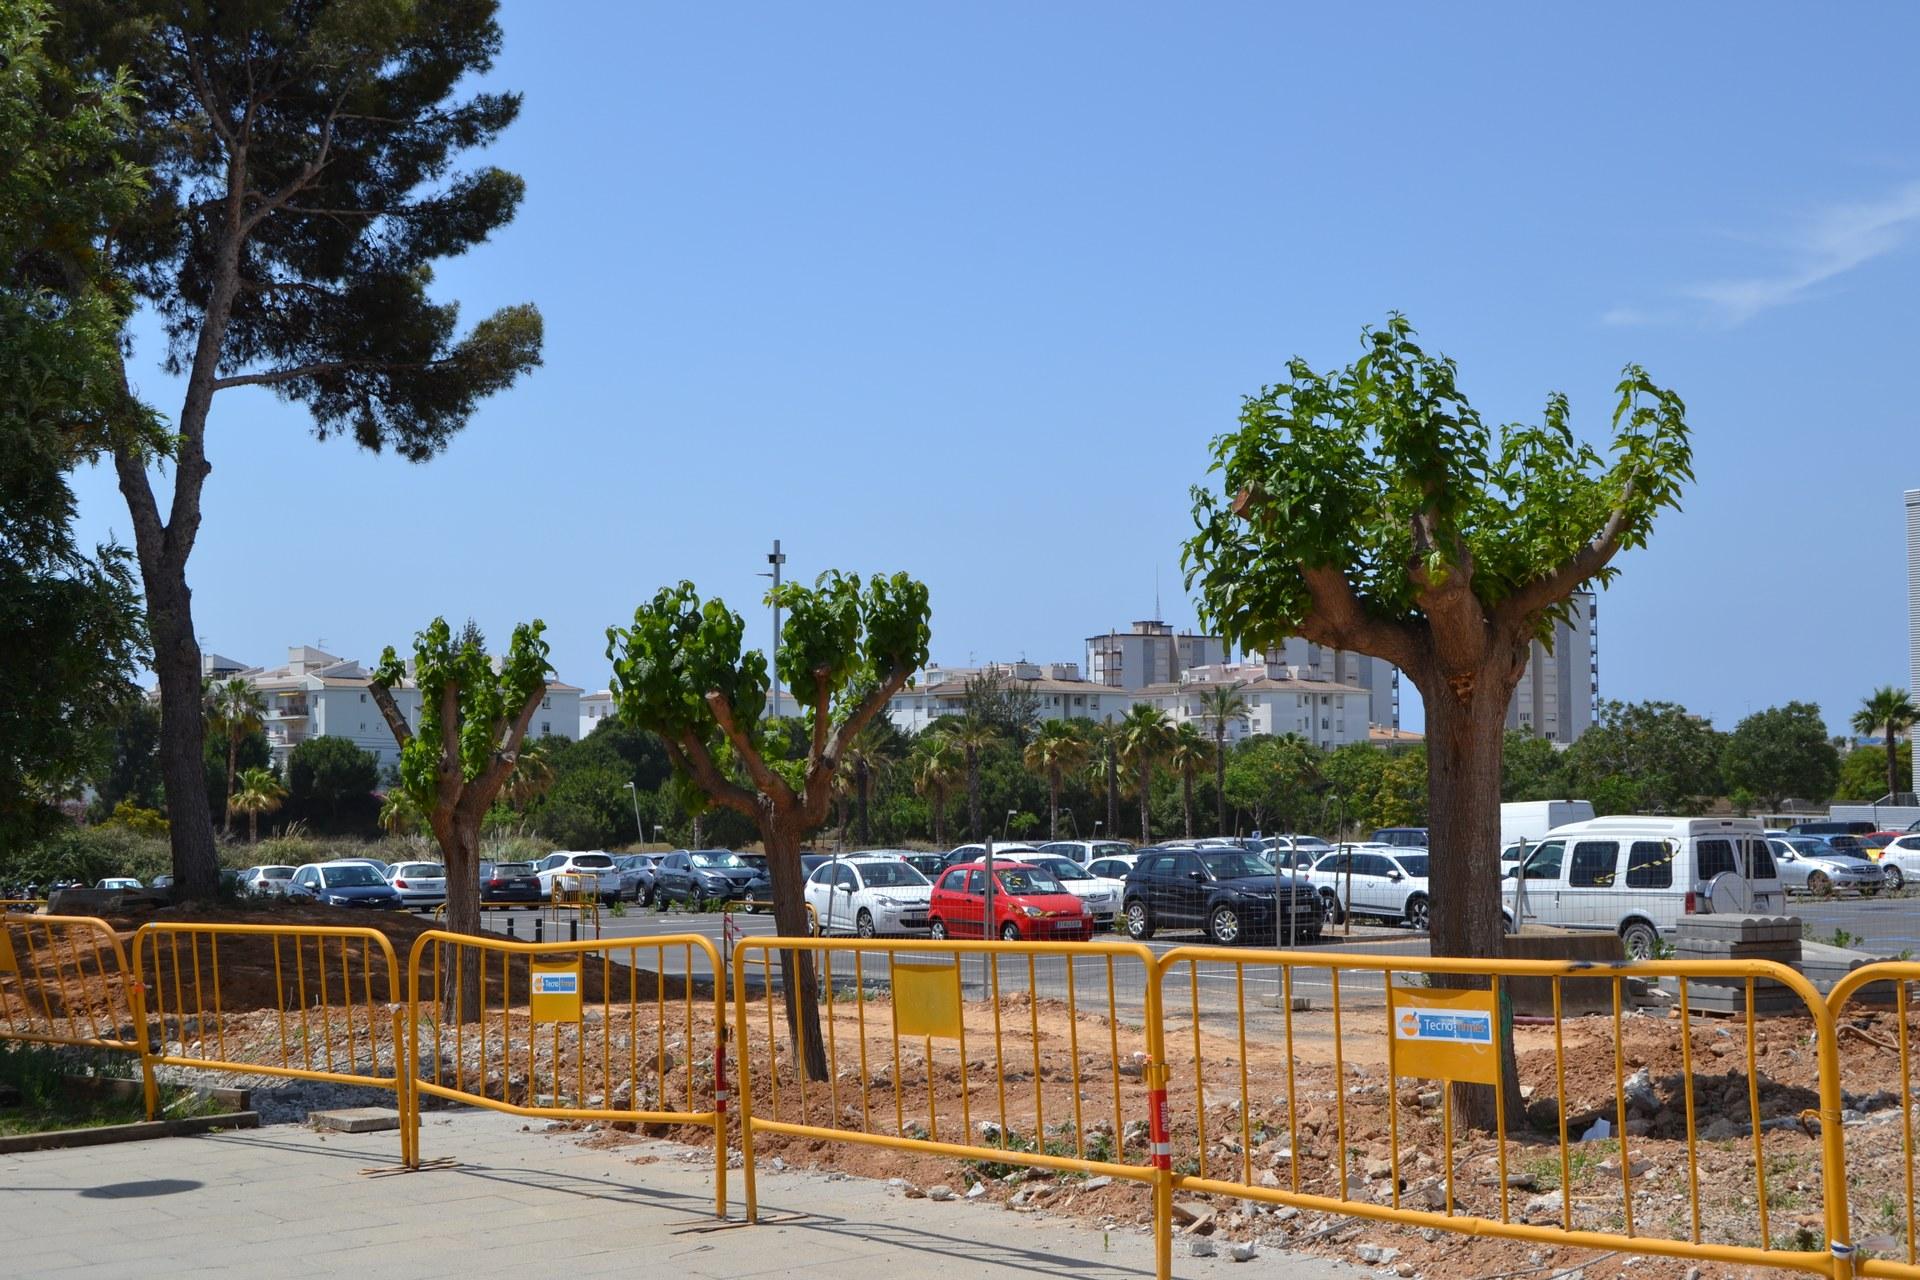 L'ajuntament transplanta els arbres procedents del terreny on es construeix la futura Escola Agnès de Sitges